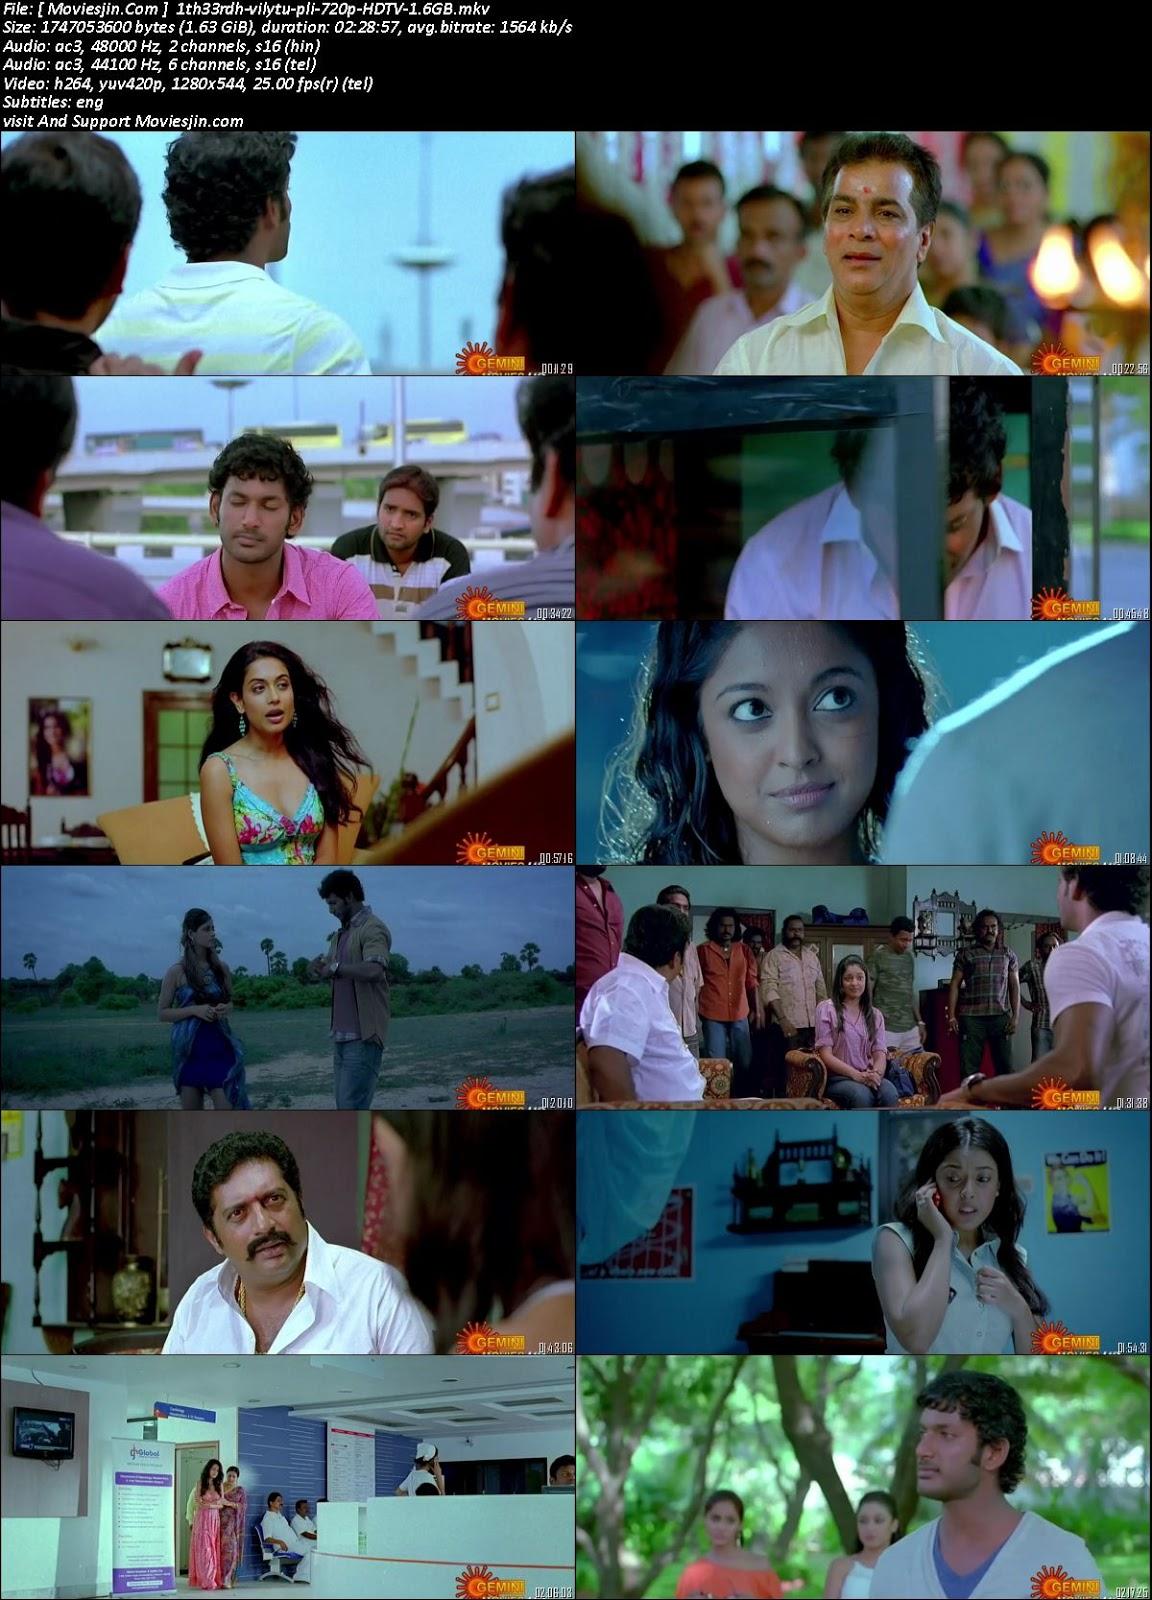 Watch Online Theeradha Vilaiyattu Pillai 2010 HDTV 450MB UnCut Dual Audio Hindi 480p Full Movie Download Khatrimaza, free download 9xmovies,